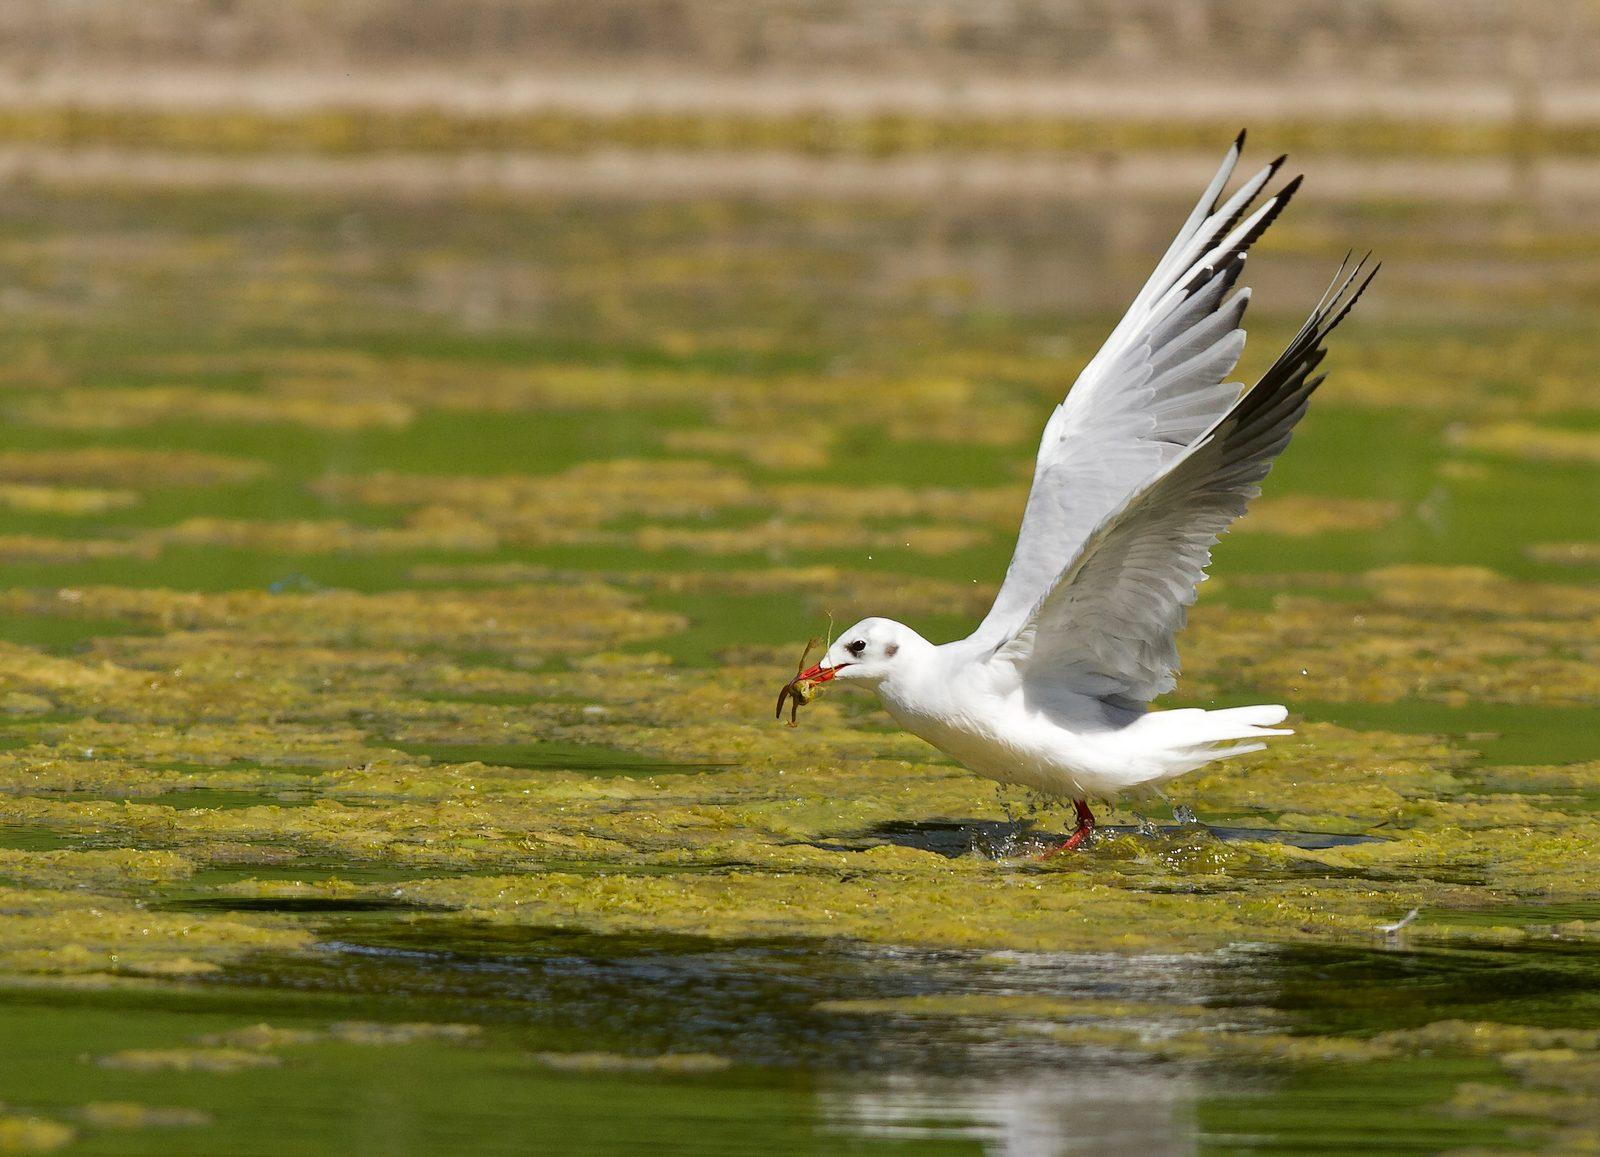 Pêche aux étangs de Tervuren (photos) 1208170417185685110218807